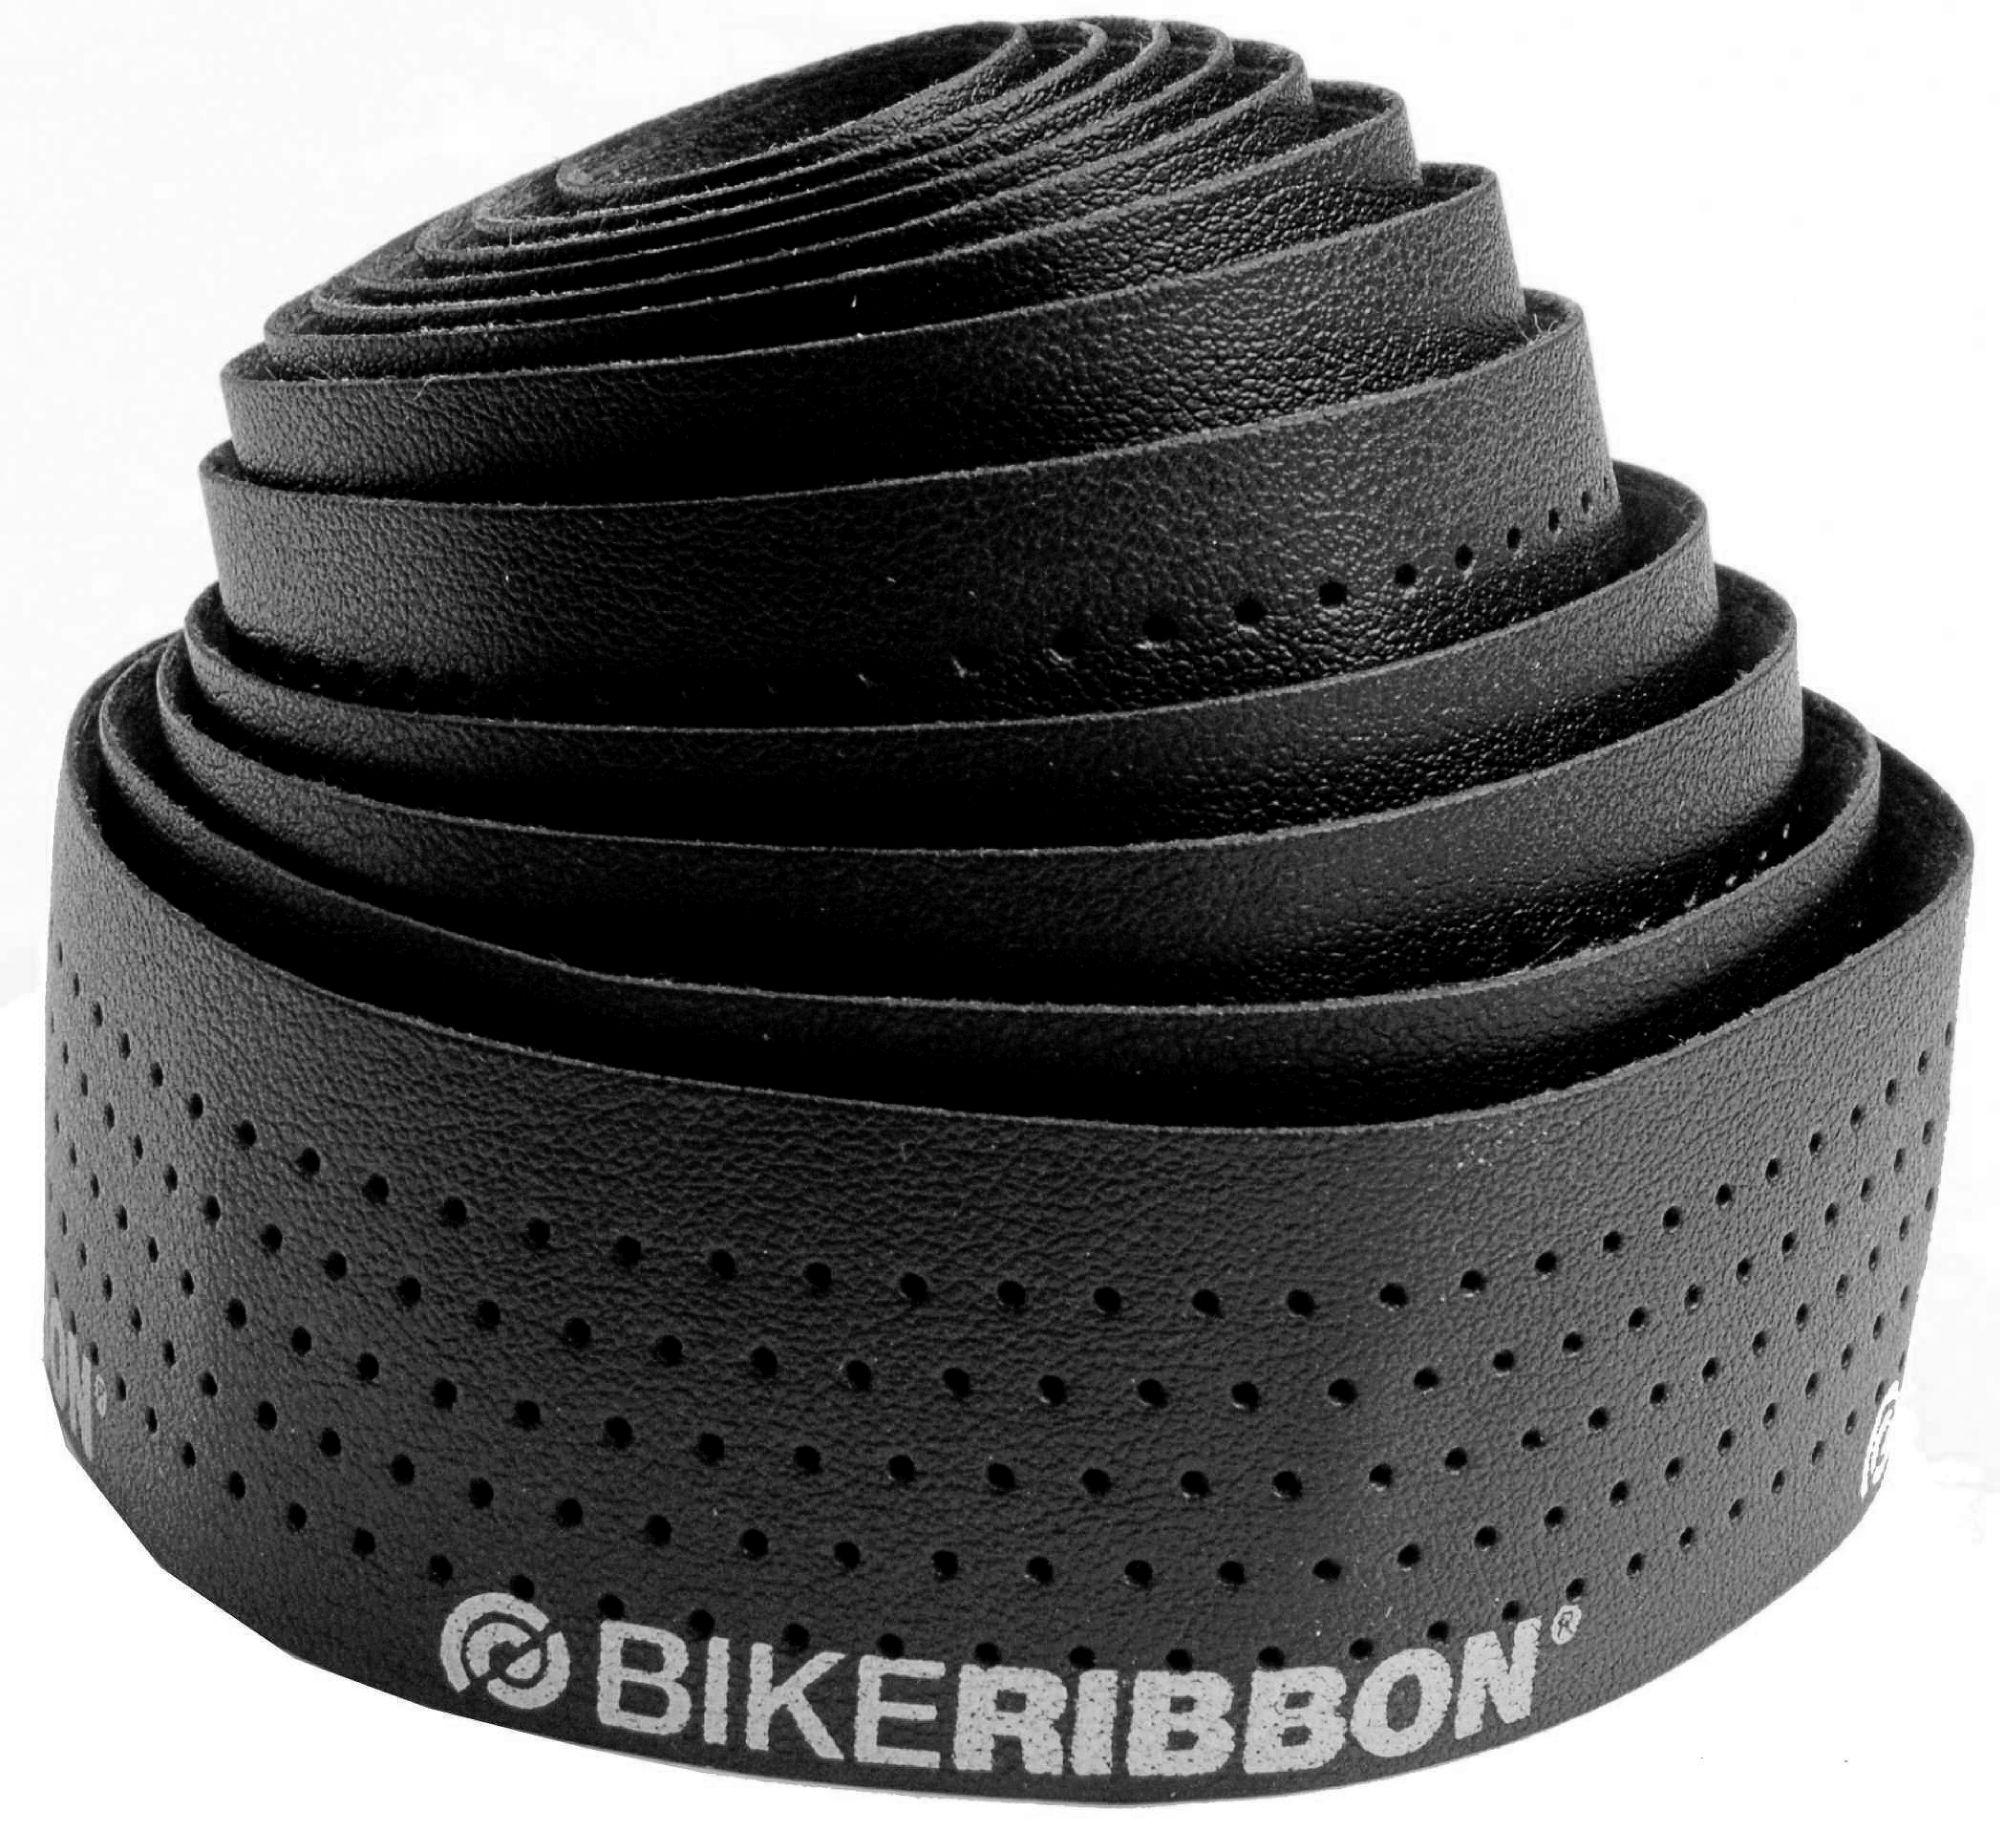 lenkerbänder/Lenker: Bike Ribbon  Eolo-Soft -